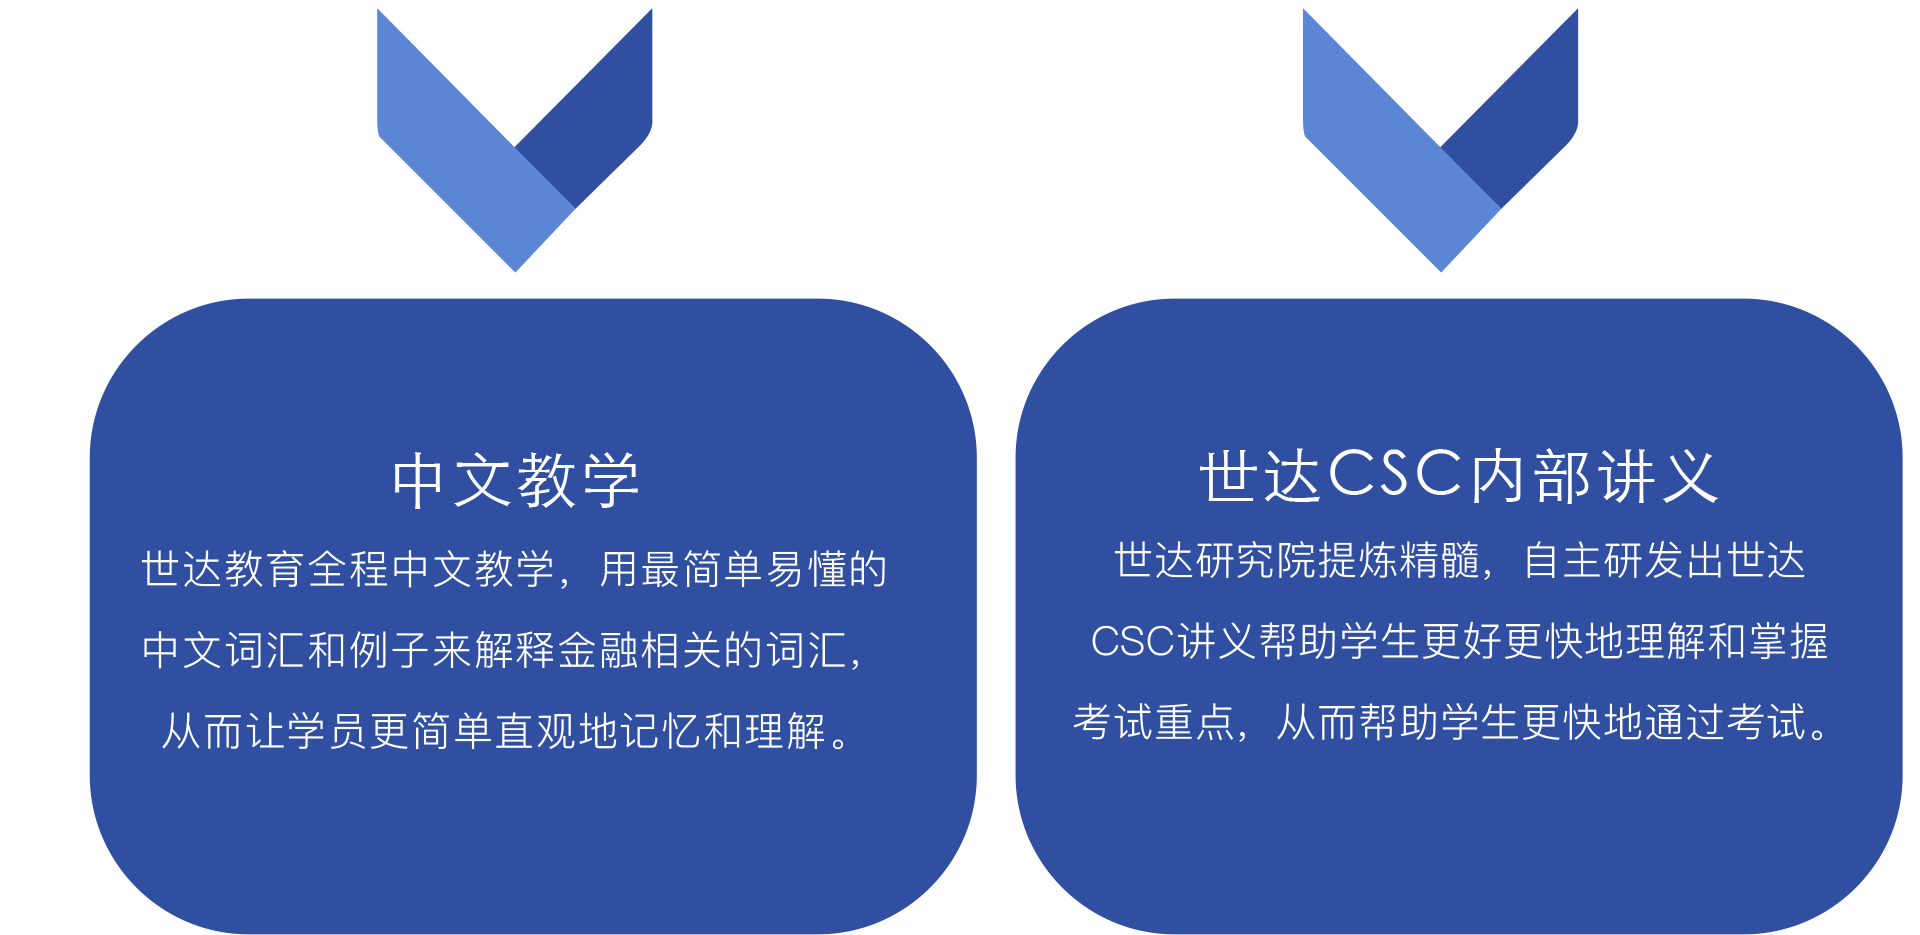 """中文教学 世达教育全程中文教学,用最简单易懂的中文词汇和例子来解释金融相关的词汇,从而让学员更简单直观地记忆和理解。世达CSC内部讲义 世达研究院提炼精髓,自主研发出世达CSC讲义帮助学生更好更快地理解和掌握考试重点,从而帮助学生更快地通过考试。浓缩考点 世达CSC名师根据多年教学经验,将考点精华从课本中摘取、整理出来,考生不再需要盲目背诵知识点,大大缩短备考时间。全程私教,答疑解惑 世达CSC名师提供全程免费答疑服务,解决学员在听课做题过程中遇到的疑难杂症,确保""""问题不过夜"""",保证学习进度。"""